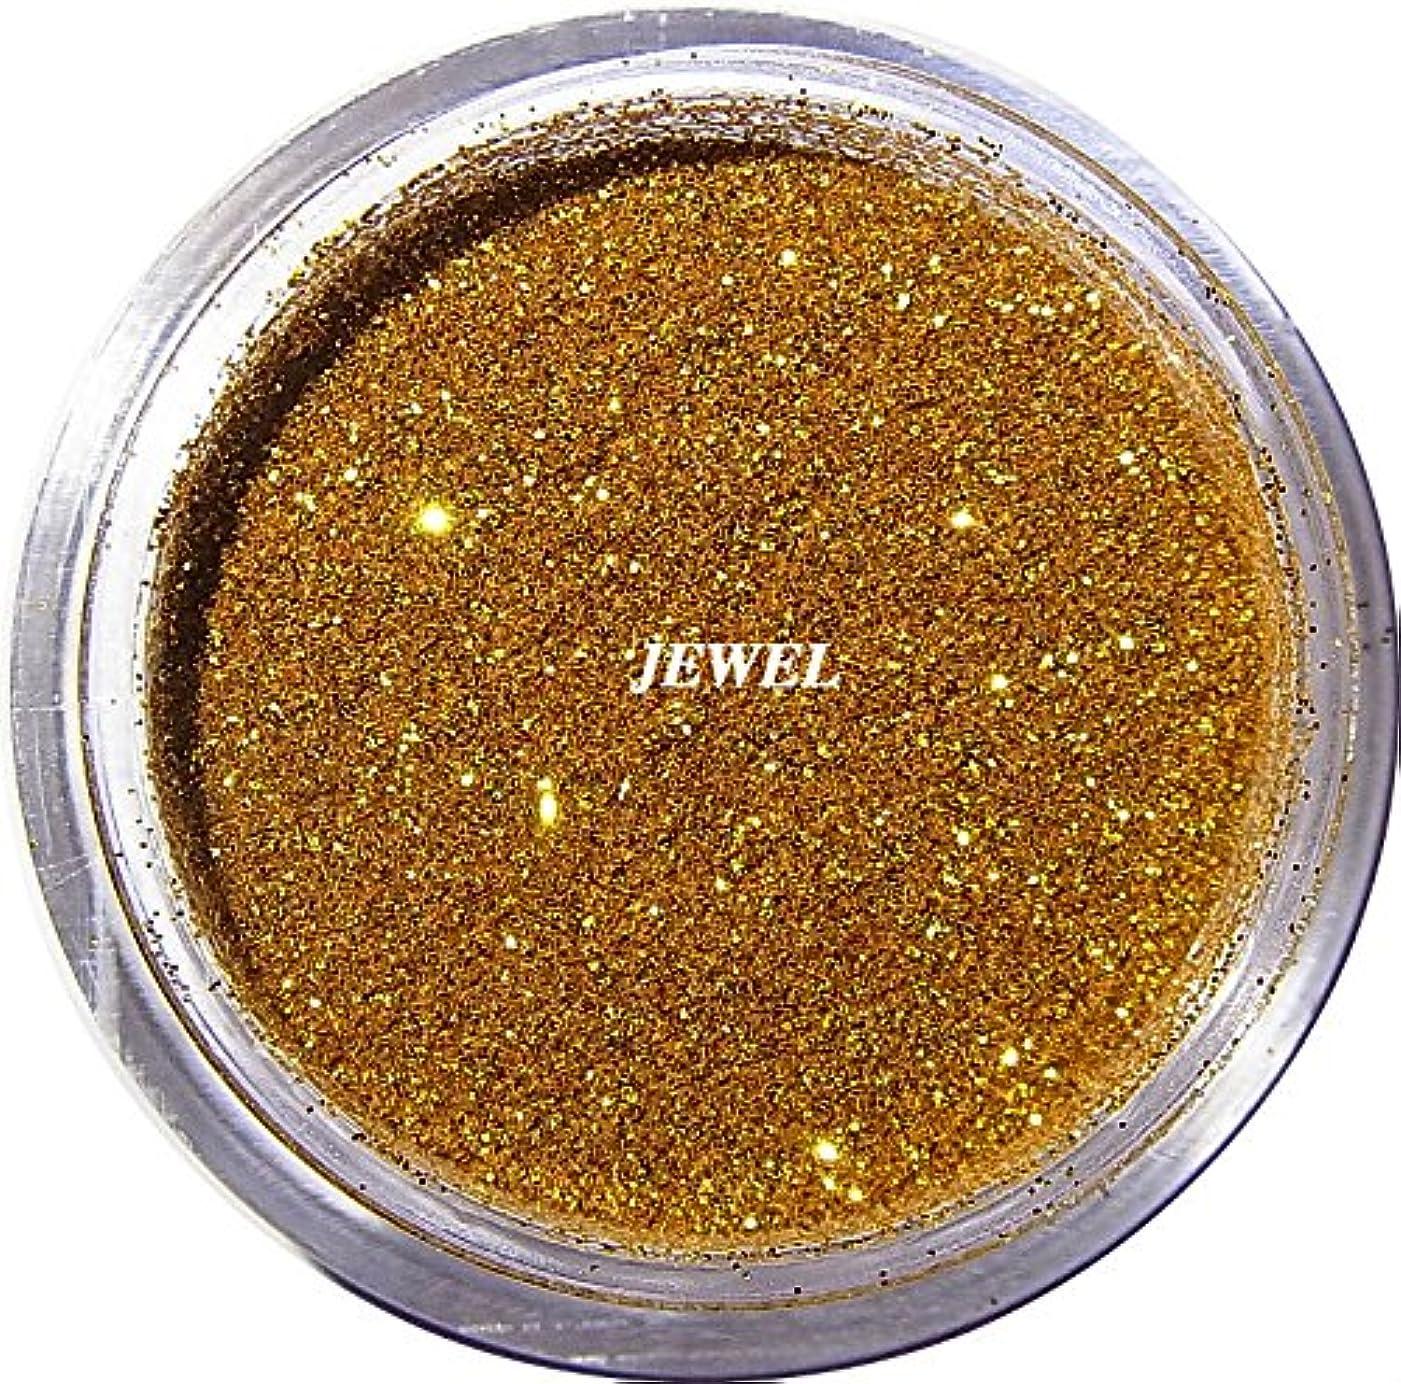 協力するお別れ対象【jewel】 超微粒子ラメパウダー(金/ゴールド) 256/1サイズ 2g入り レジン&ネイル用 グリッター